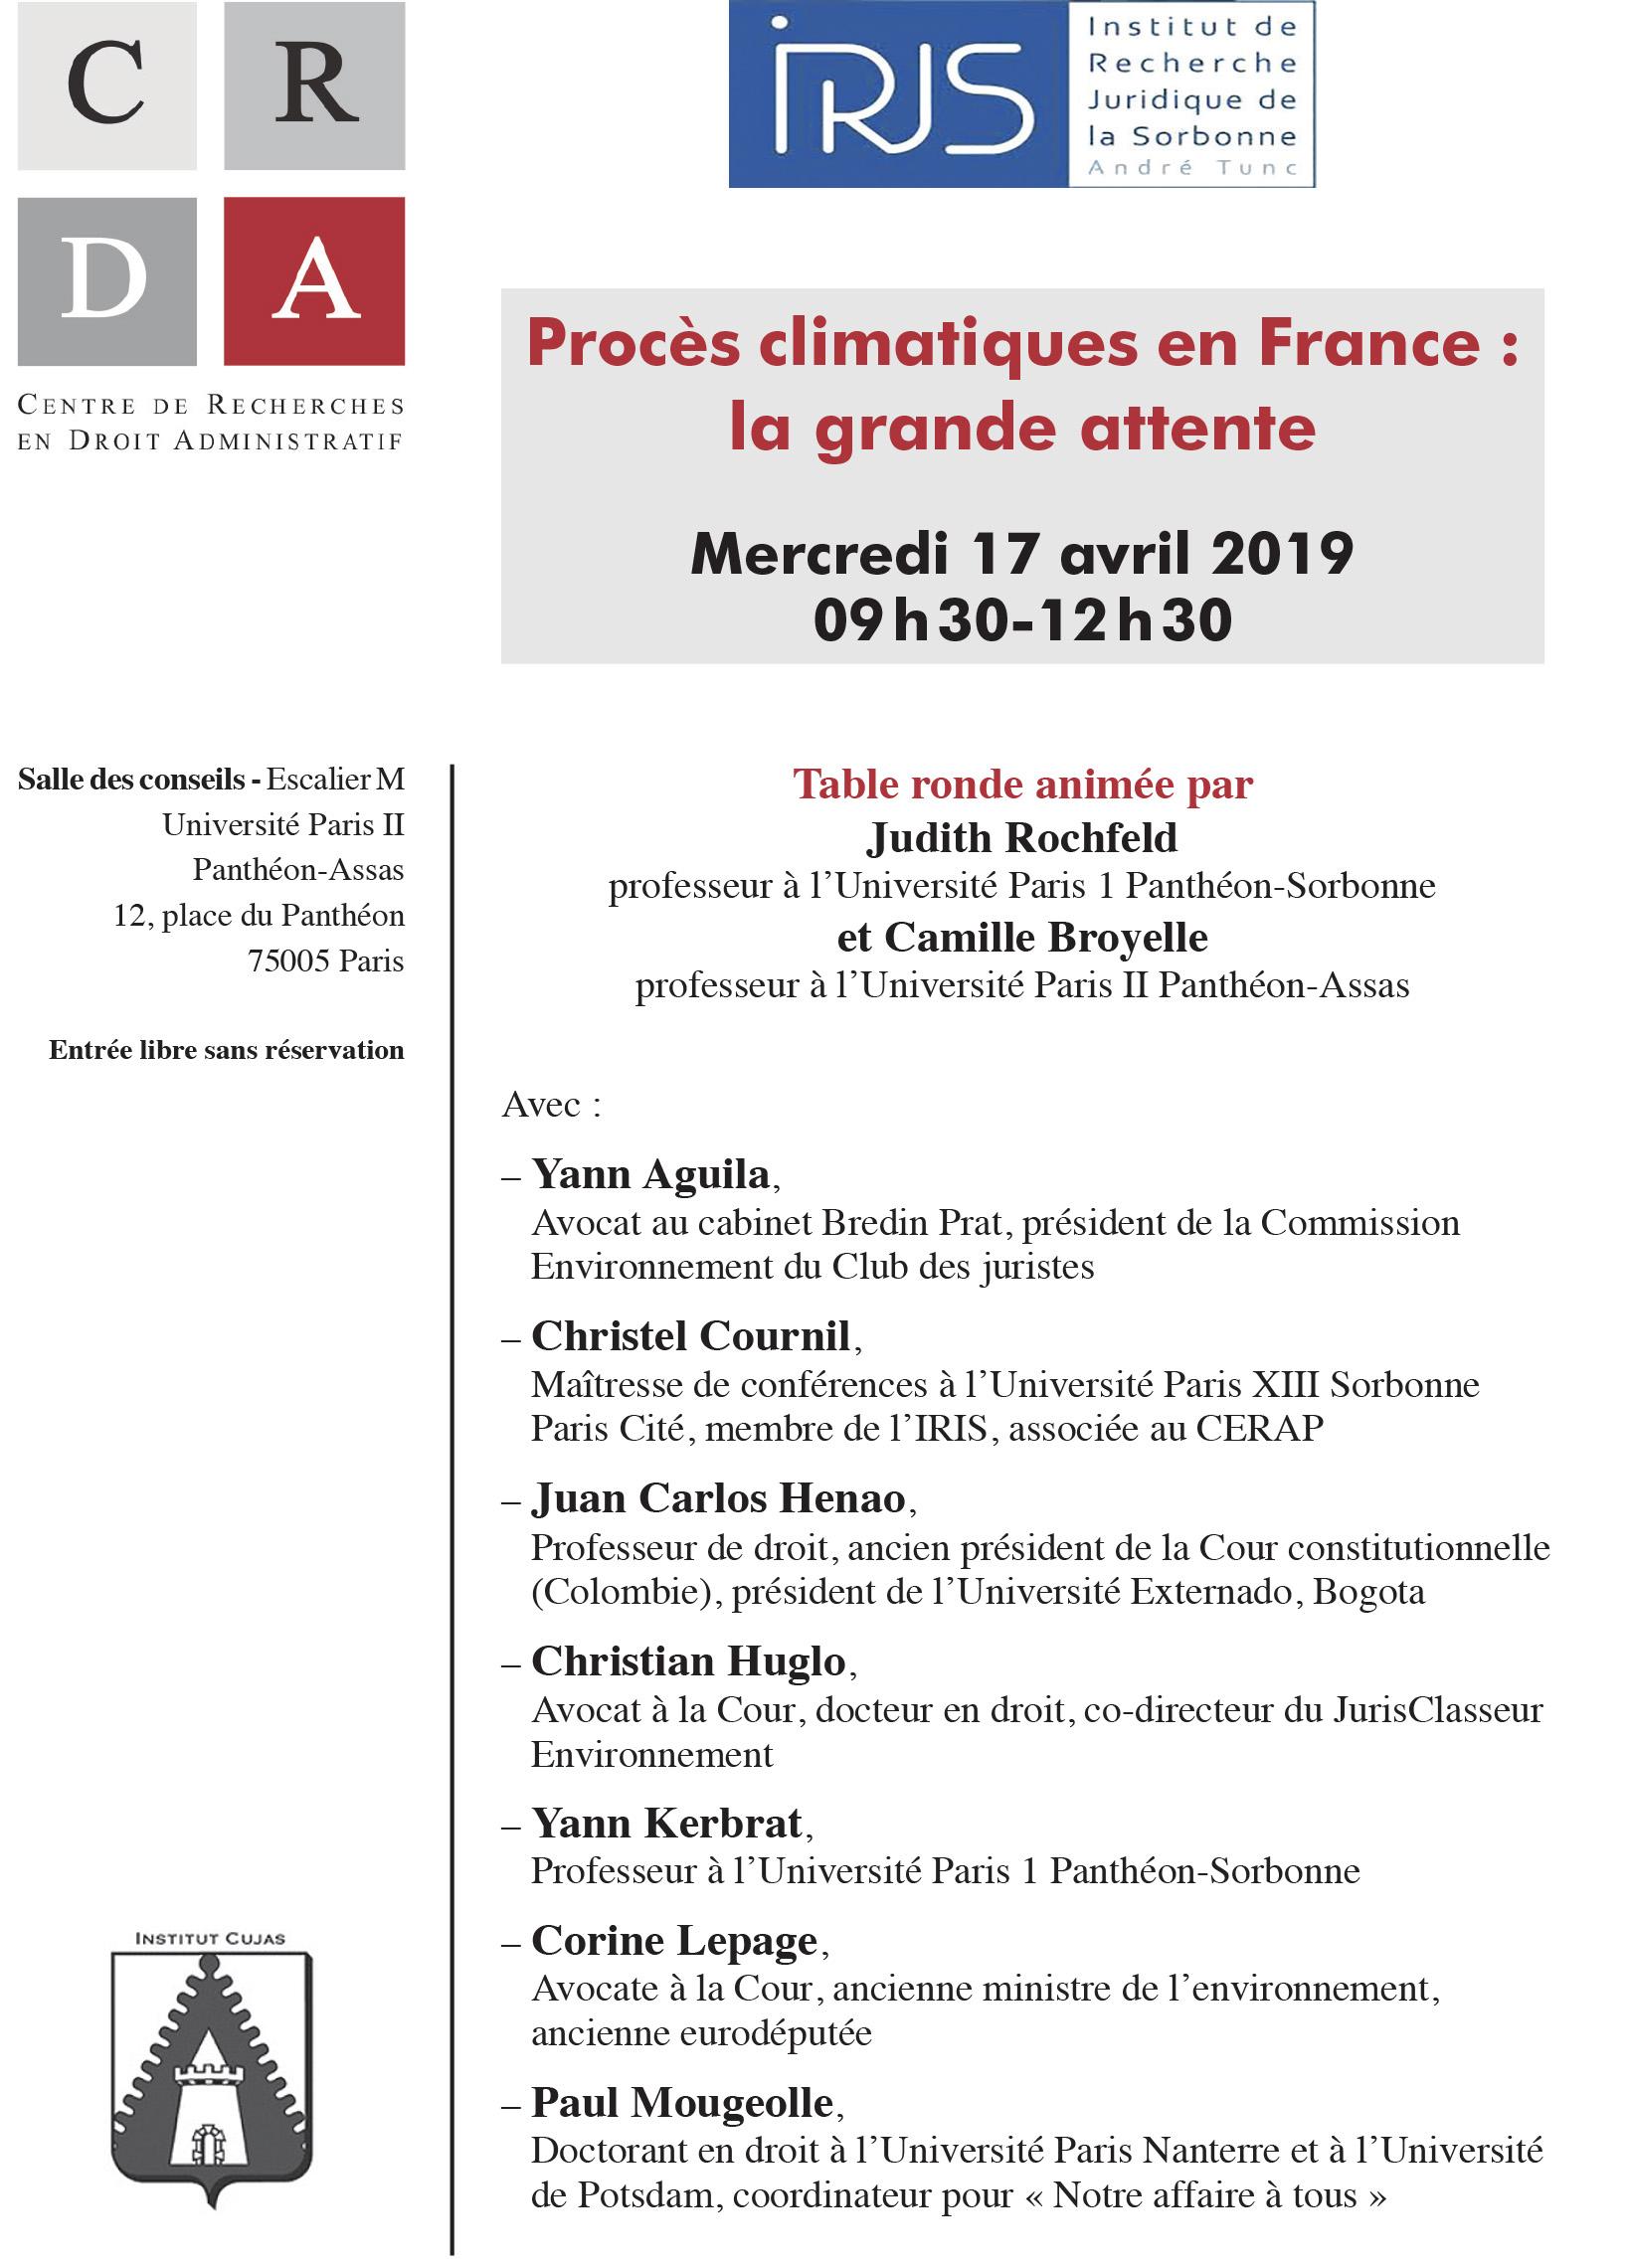 Flyer table ronde - Procès climatiques en France: la grande attente